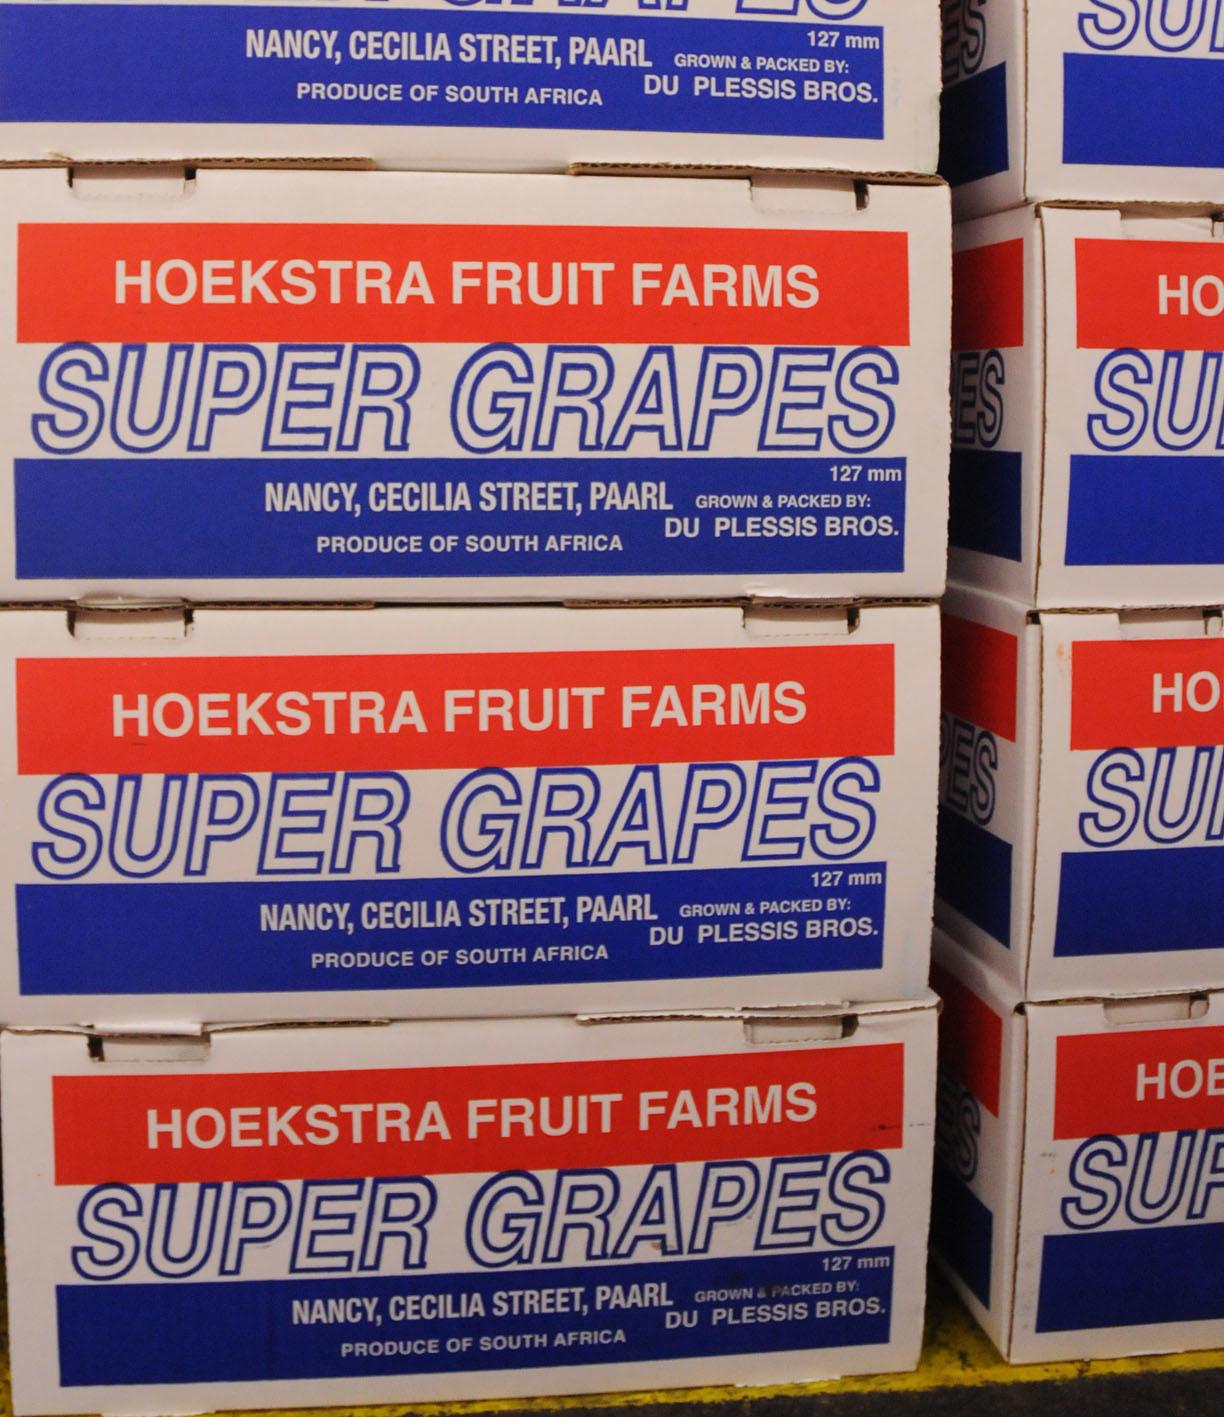 grapes_170922_144311.jpg?mtime=20170922144311#asset:11547